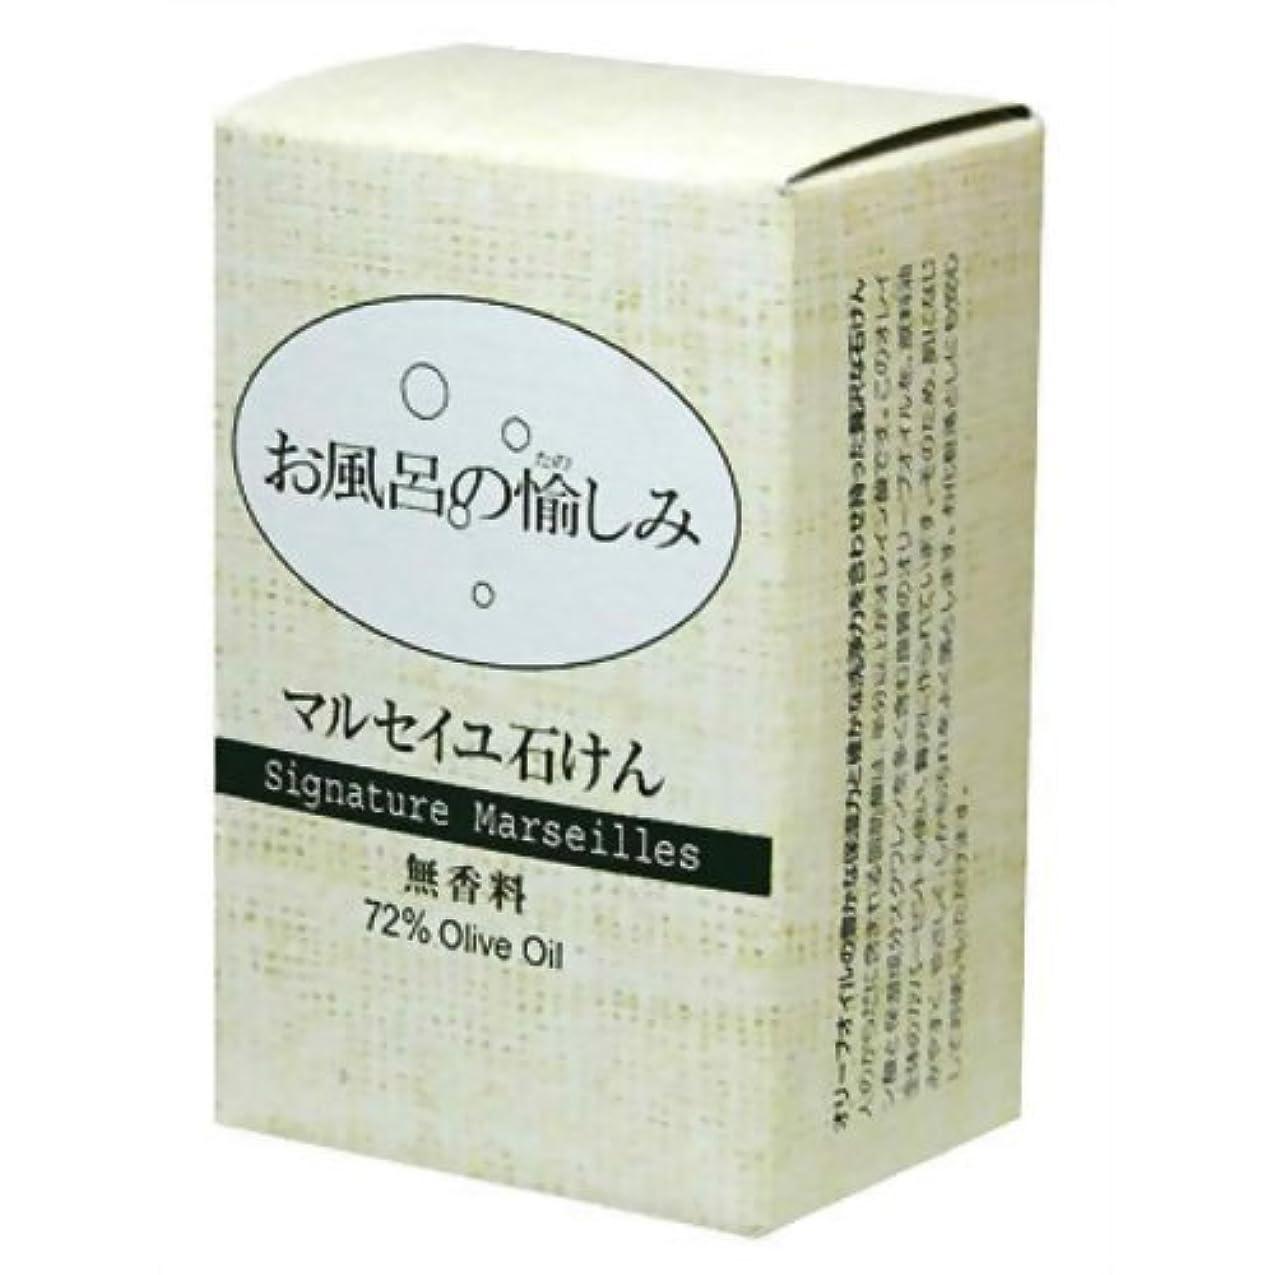 話す戦艦代表団お風呂の愉しみ マルセイユ石鹸 (無香料)